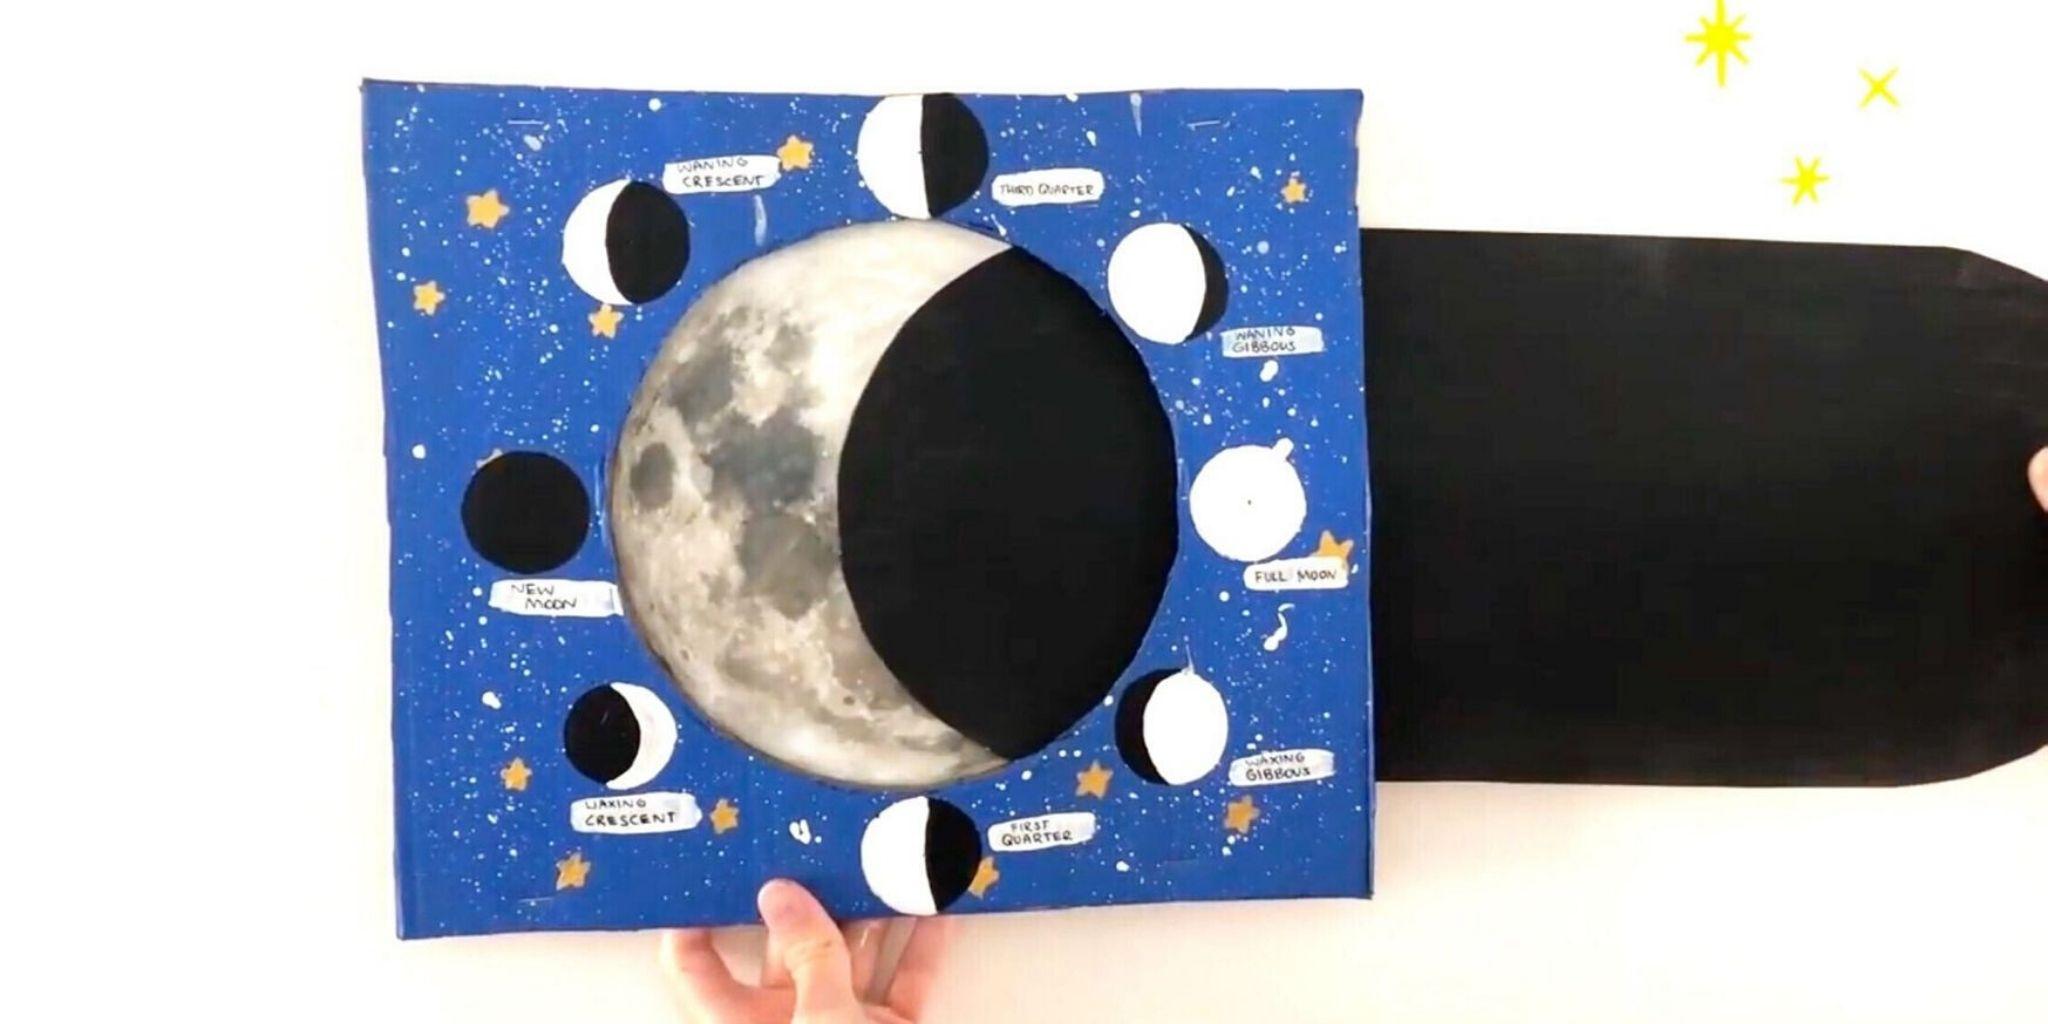 Fázy Mesiaca Astronomická aktivita pre deti